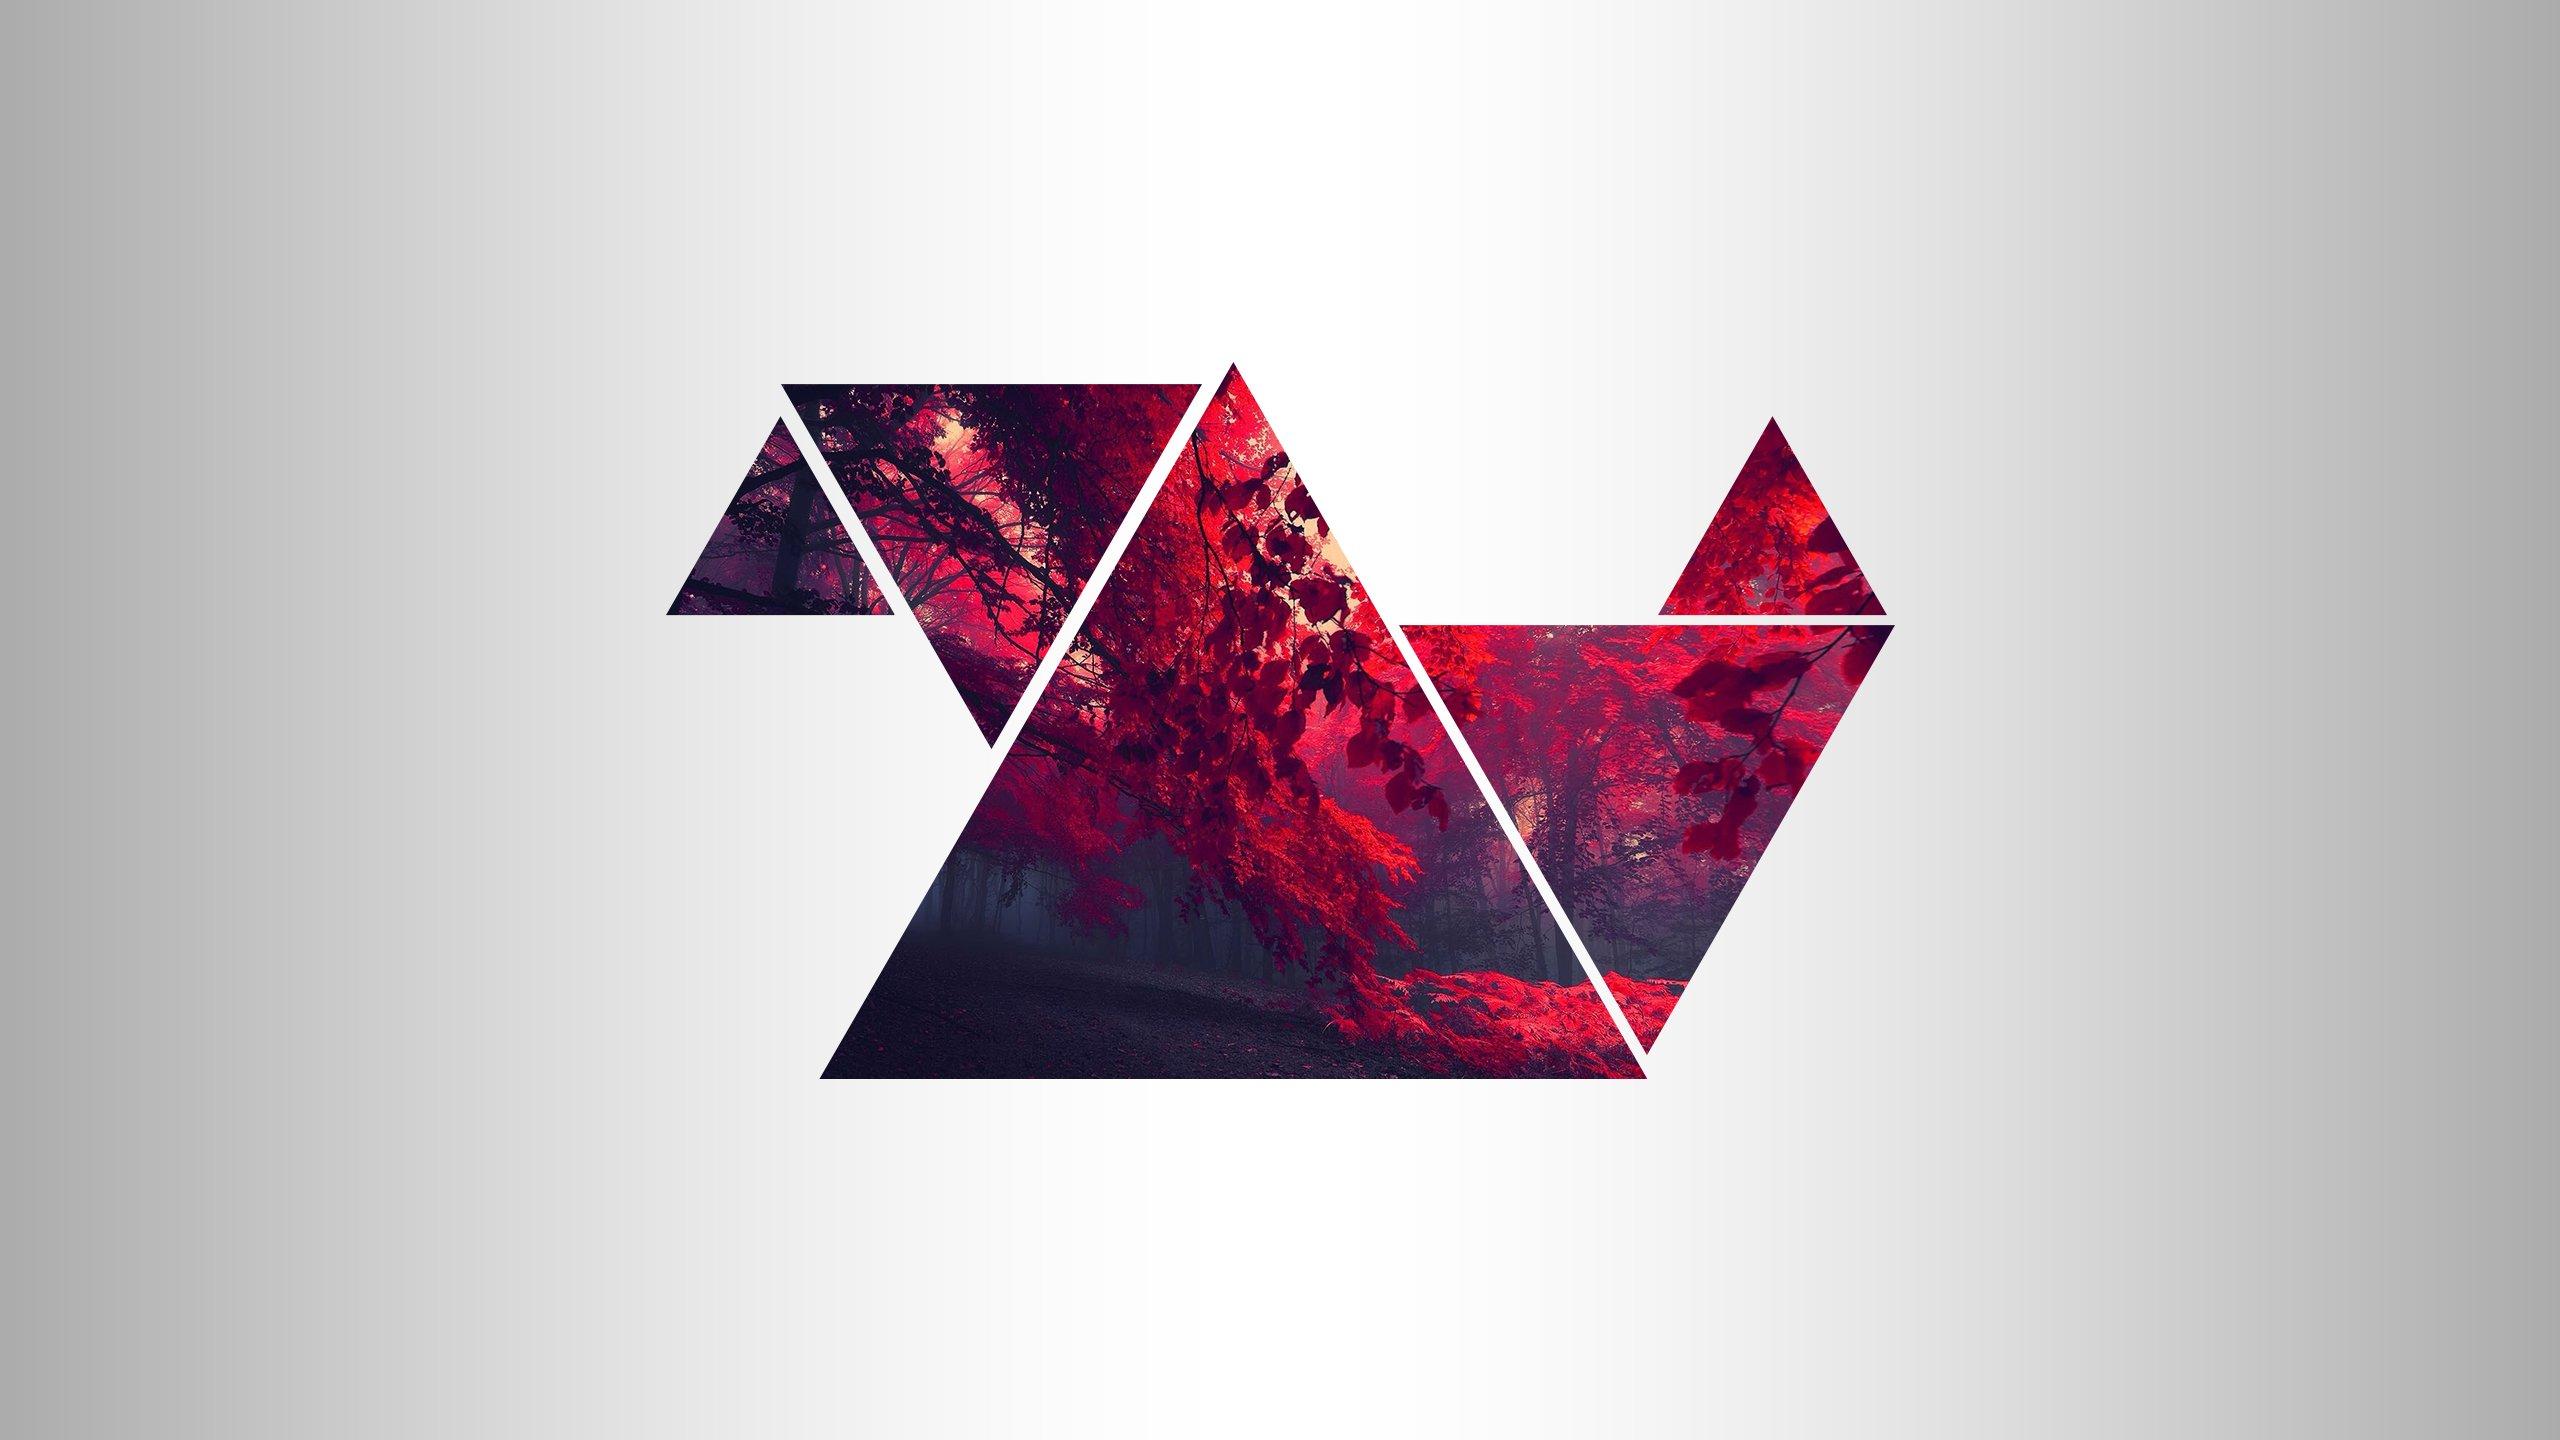 Fond Décran 2560x1440 Px Forêt Rouge Triangle